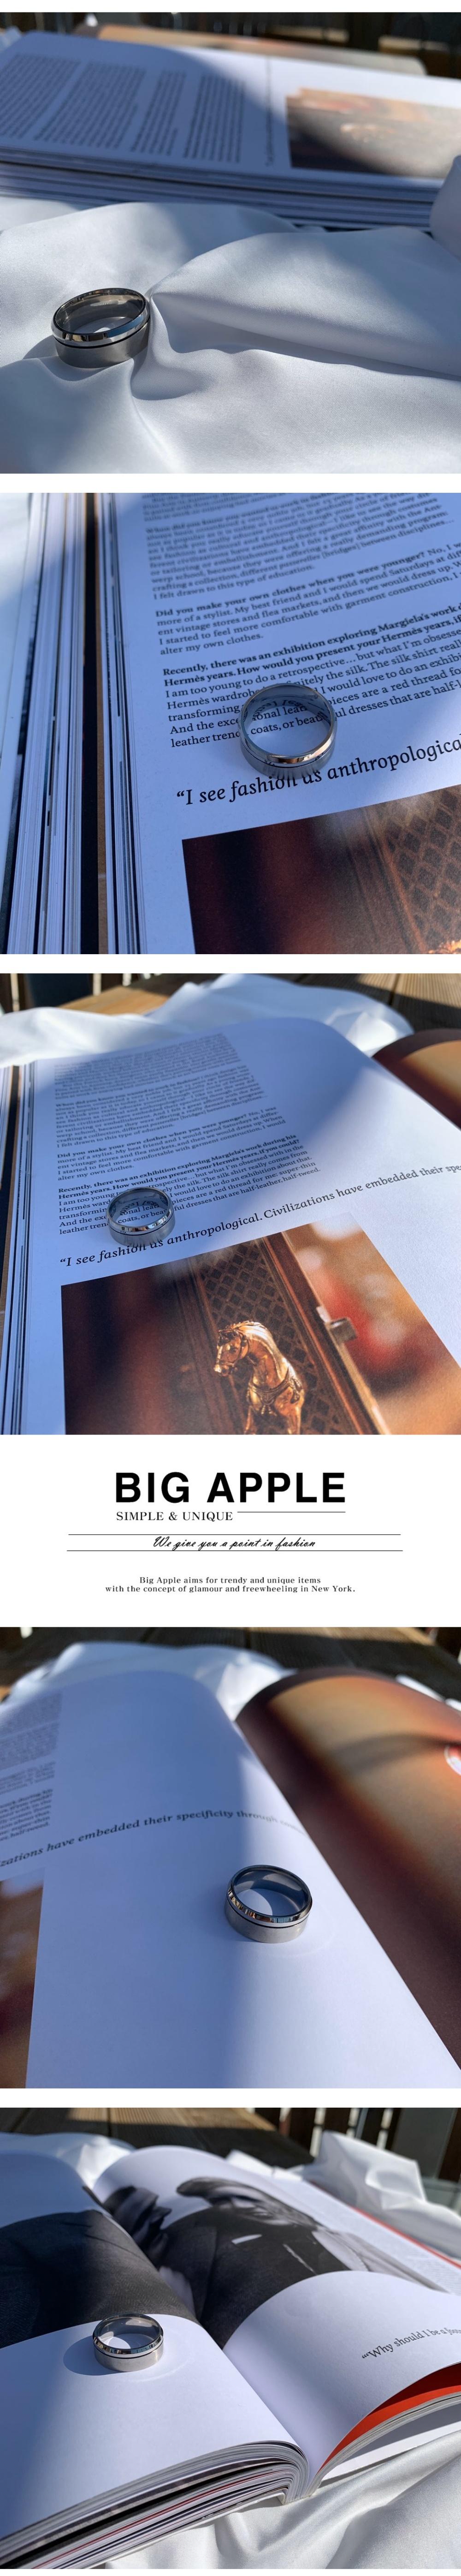 남자 반지 두꺼운 무광 써지컬 aphotic - 빅애플, 30,000원, 남성주얼리, 반지